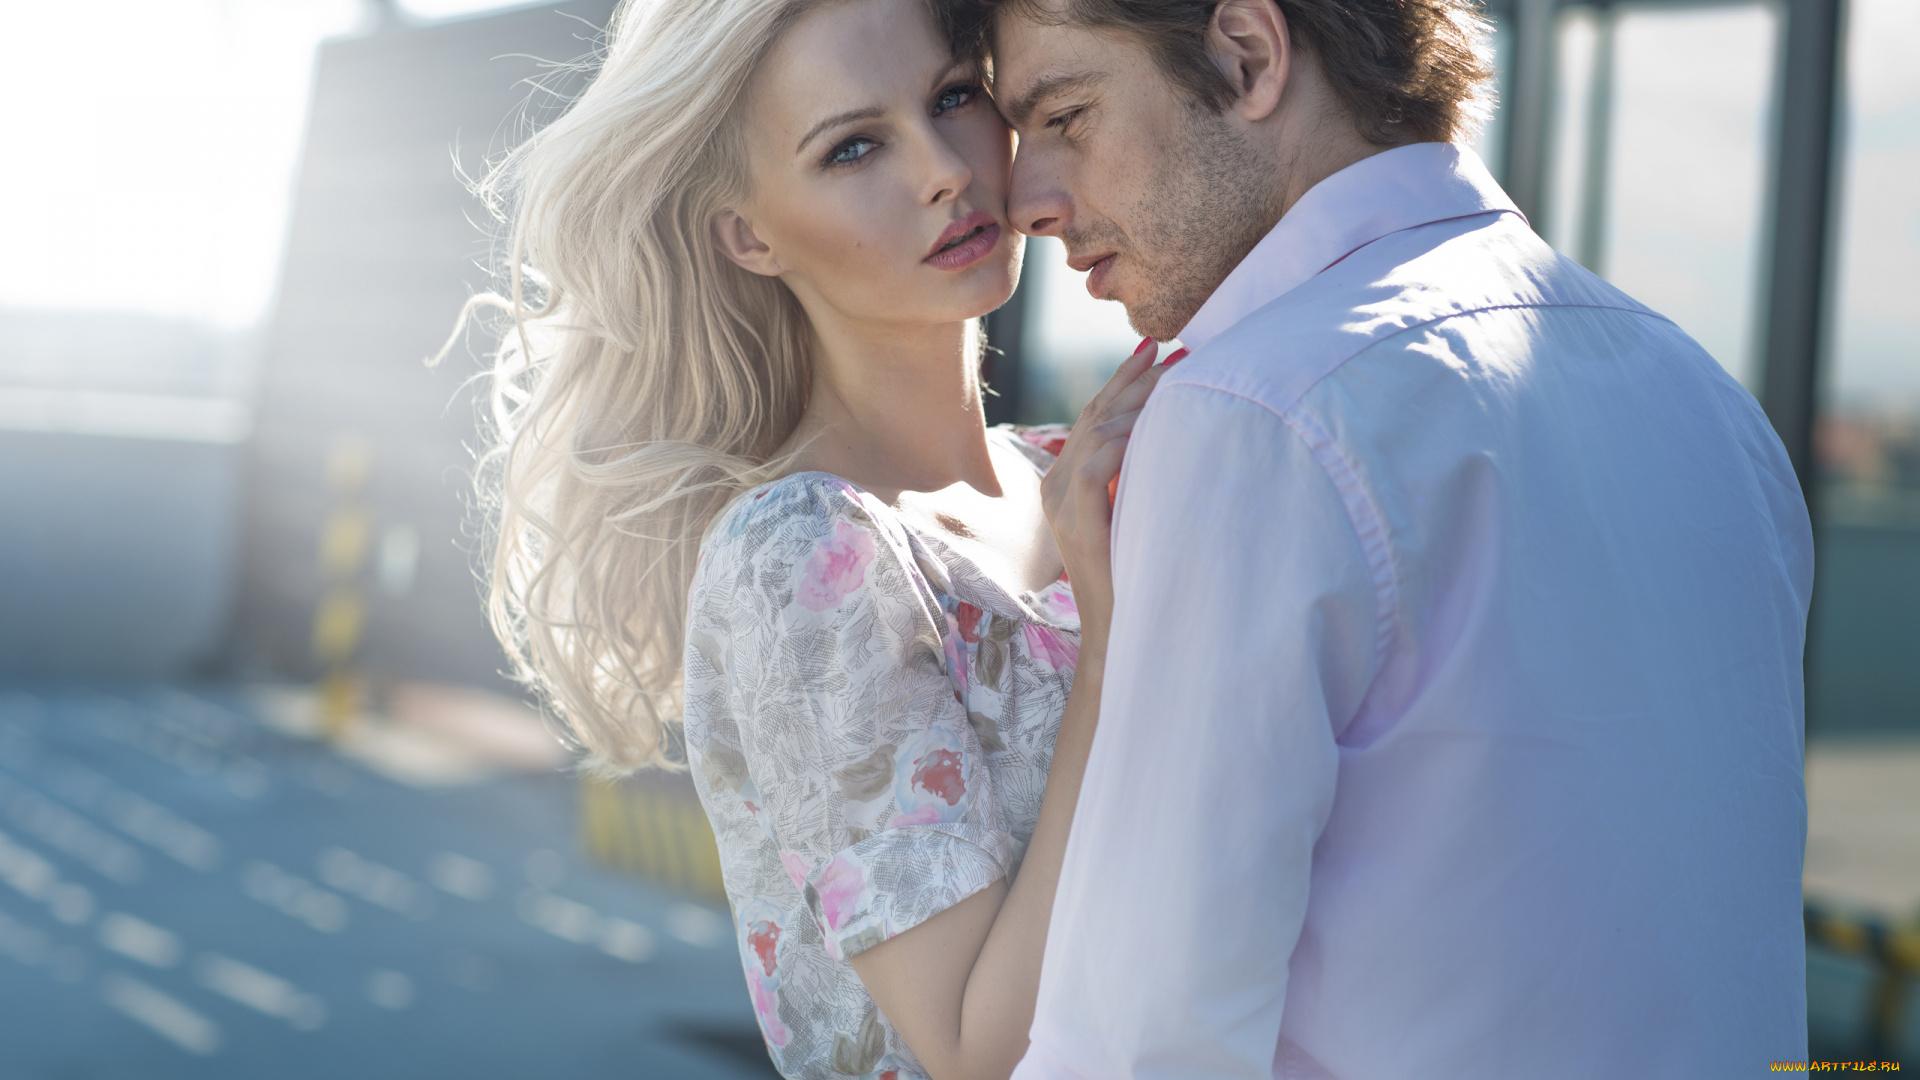 вина секс клип девушка блондинка ждала парня действительно